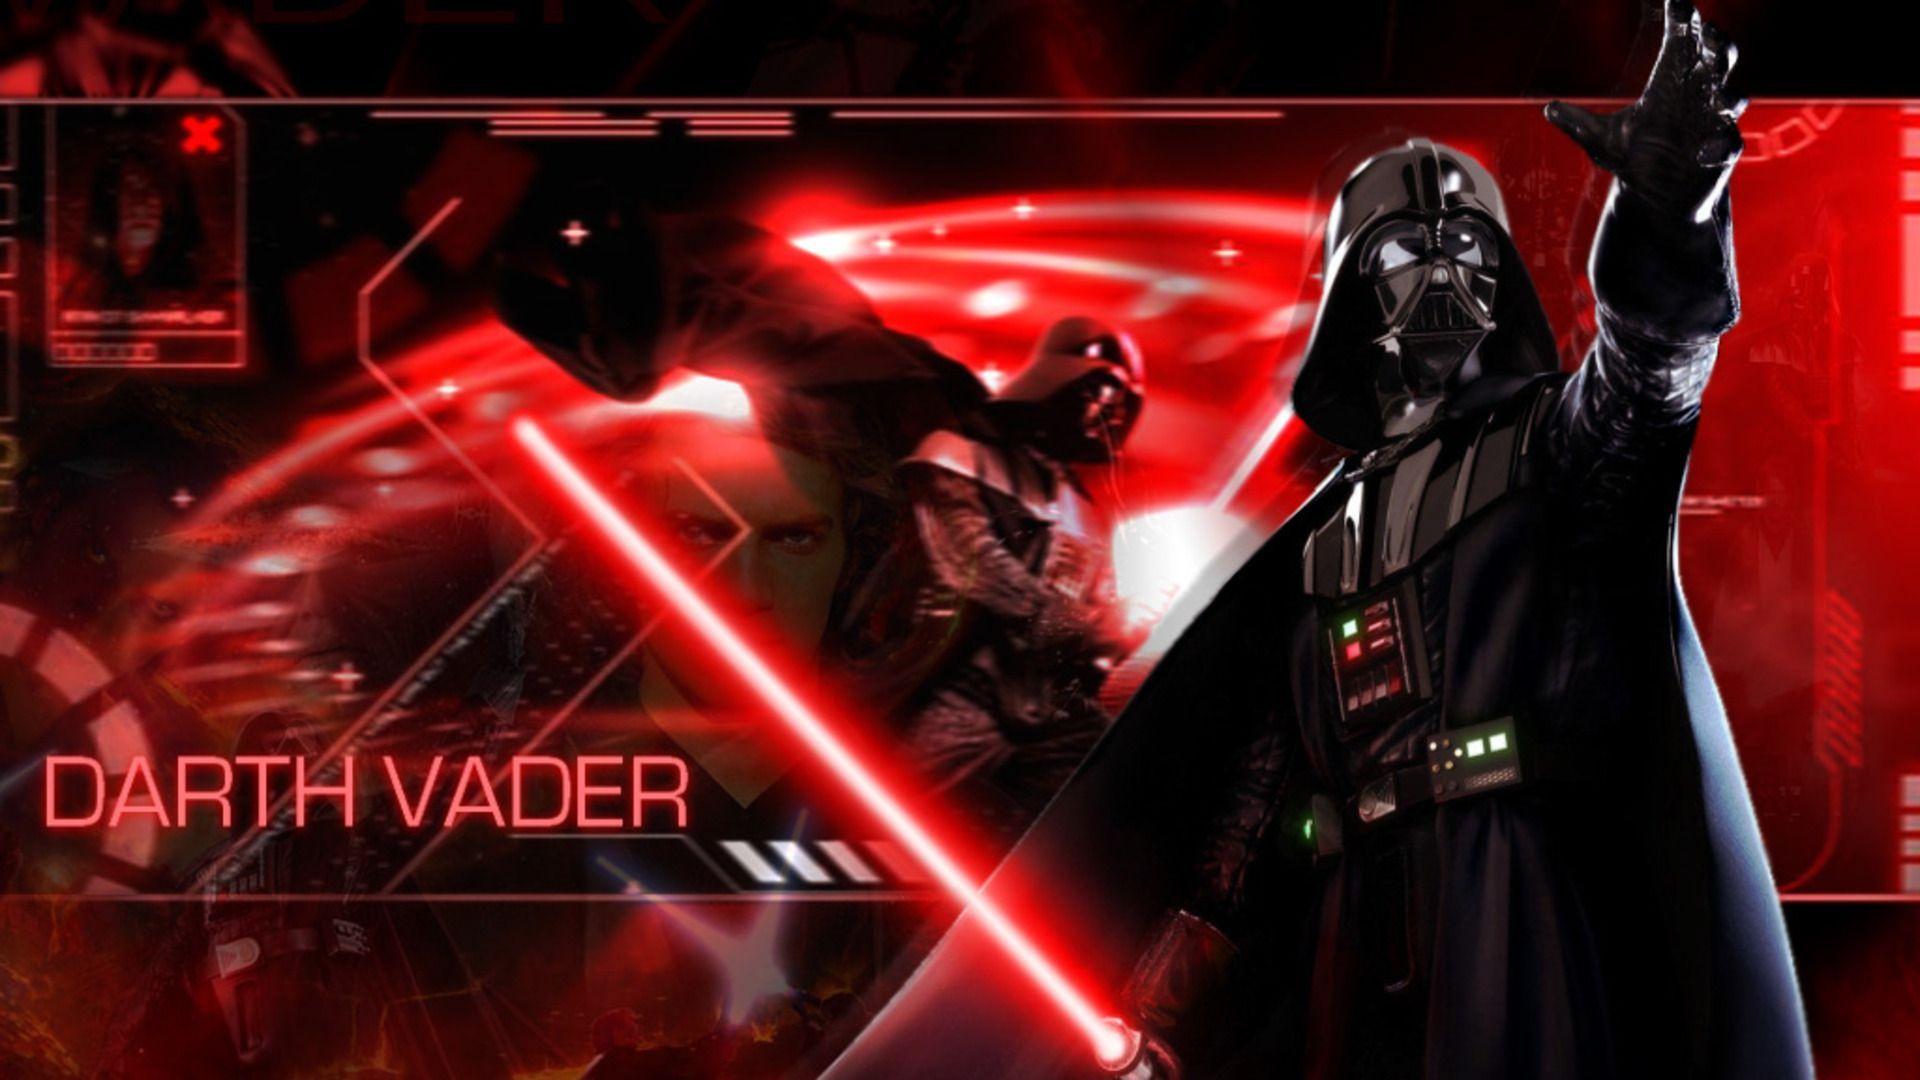 4k Ultra Hd Darth Vader Creative Darth Vader Wallpapers